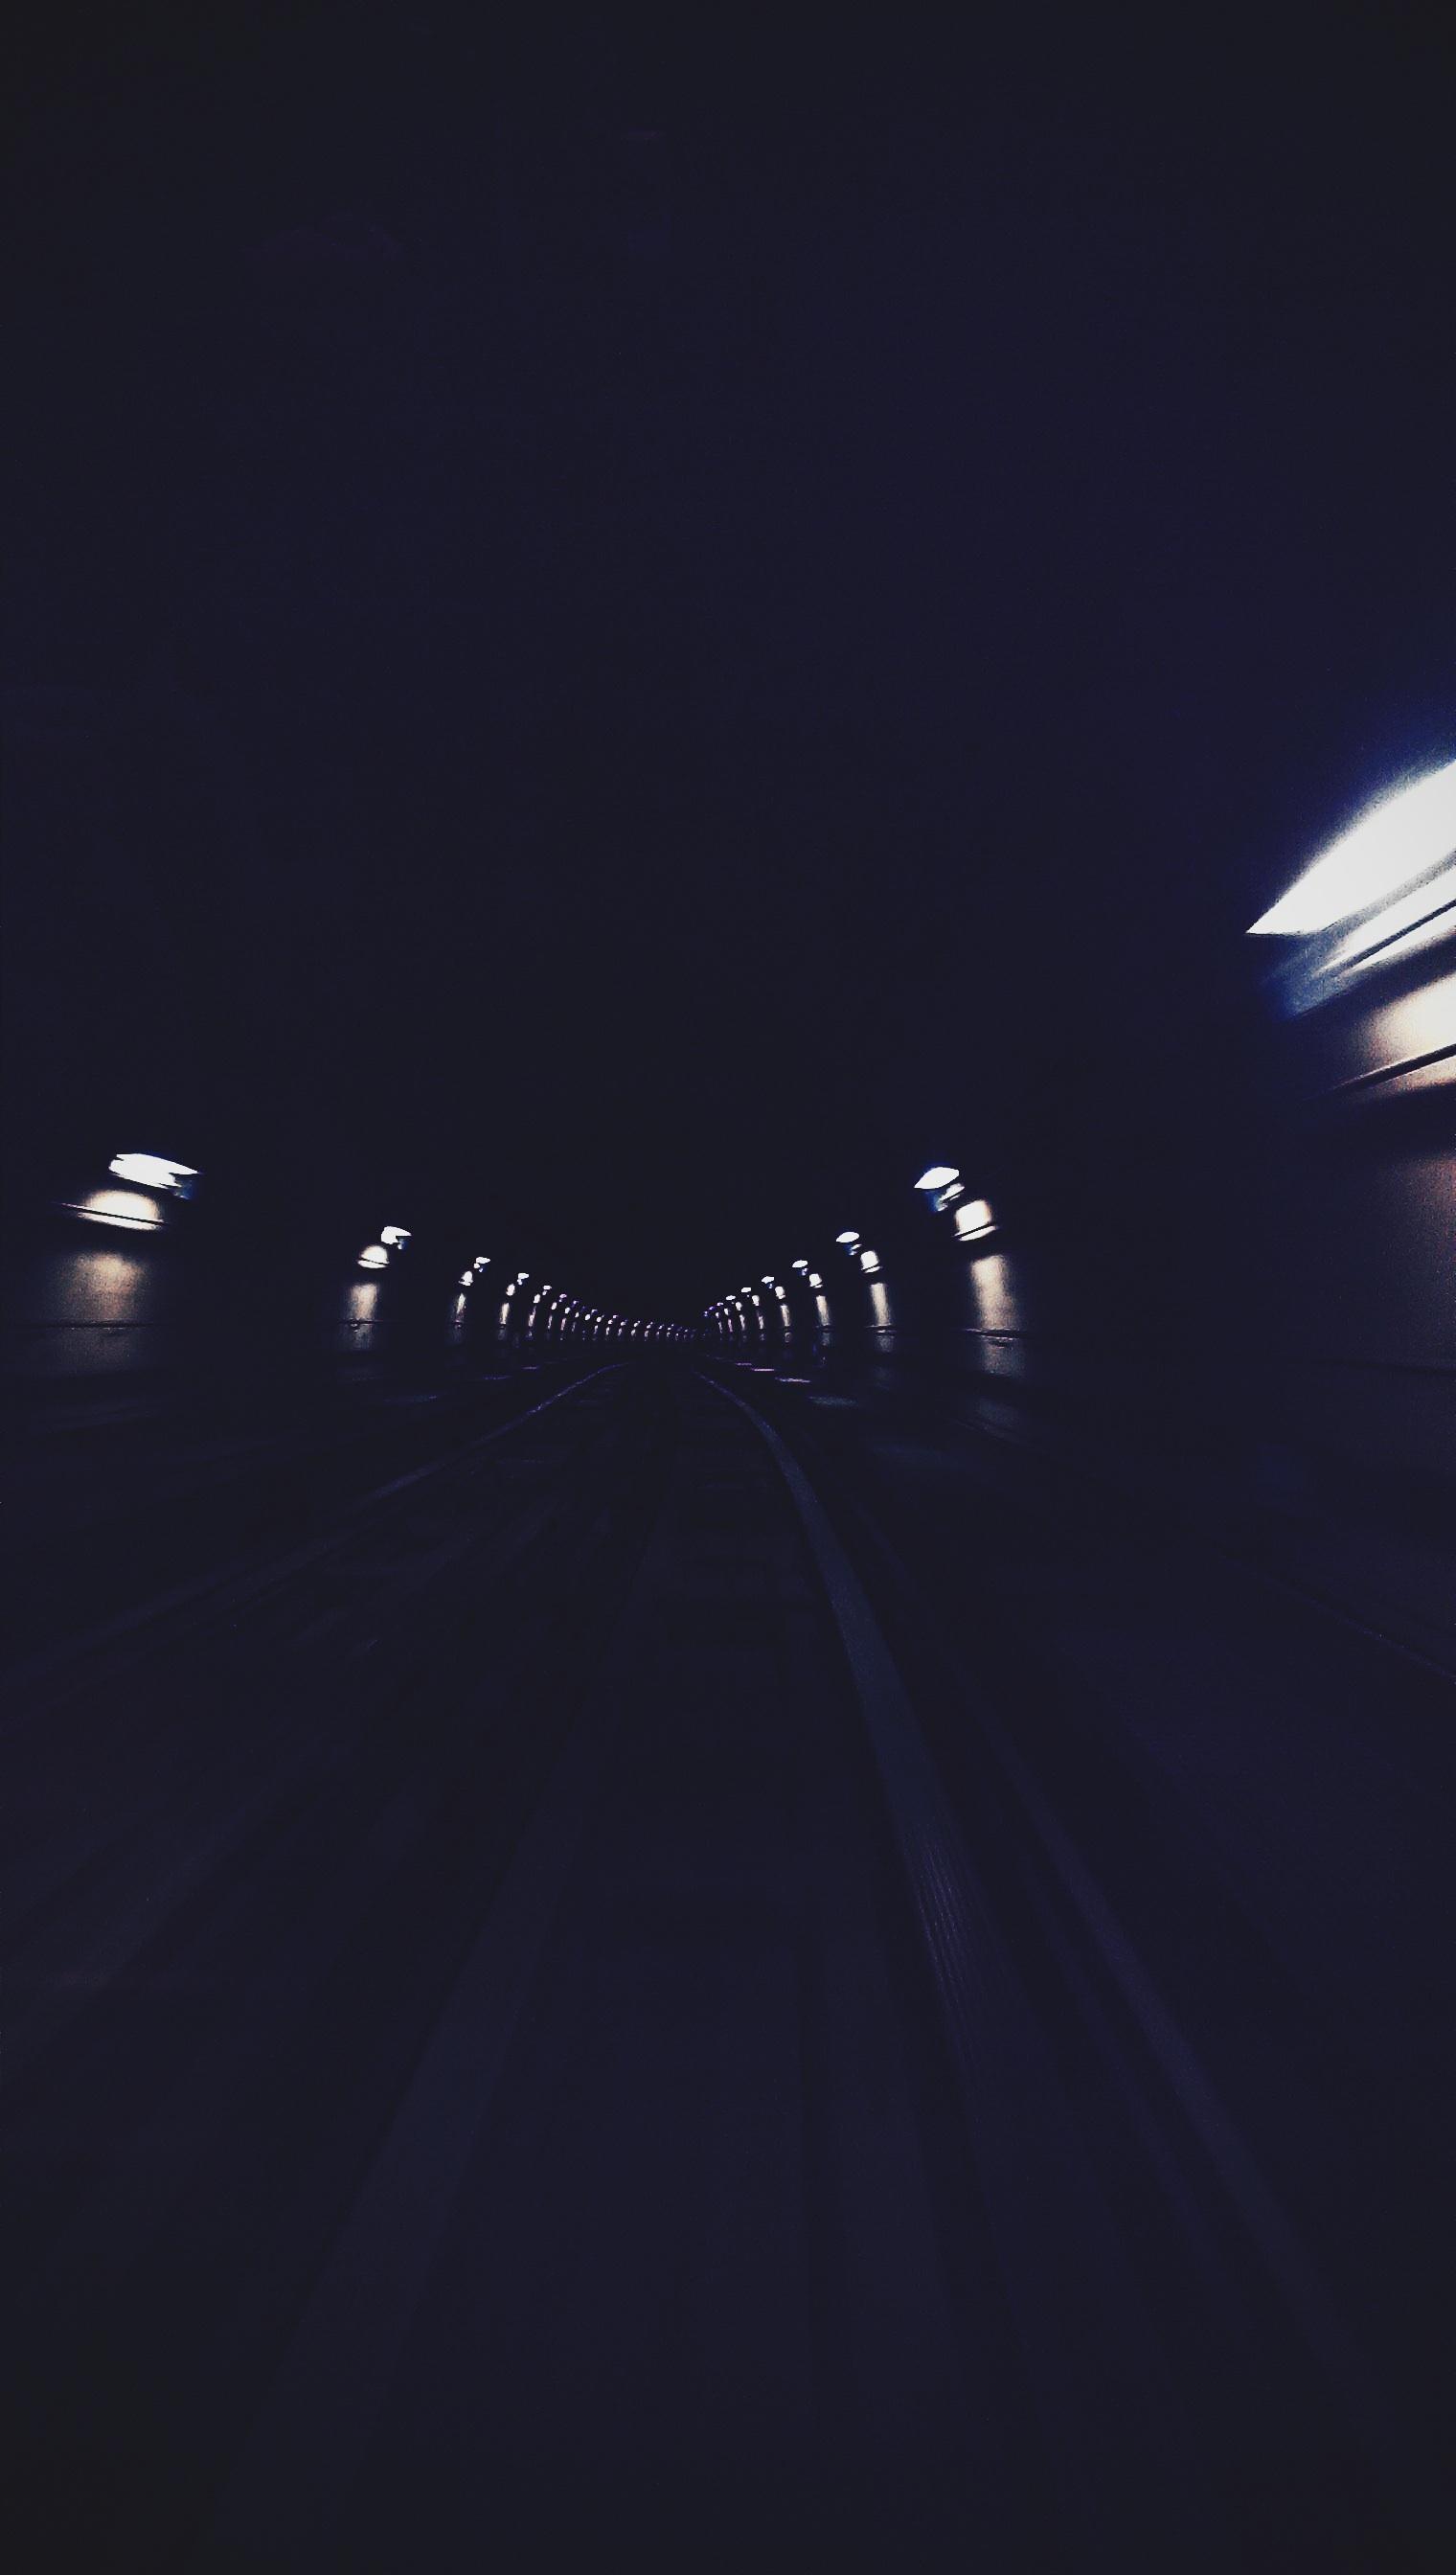 Darmowe Zdjęcia Lekki Droga Noc Tunel Ciemny Ciemność